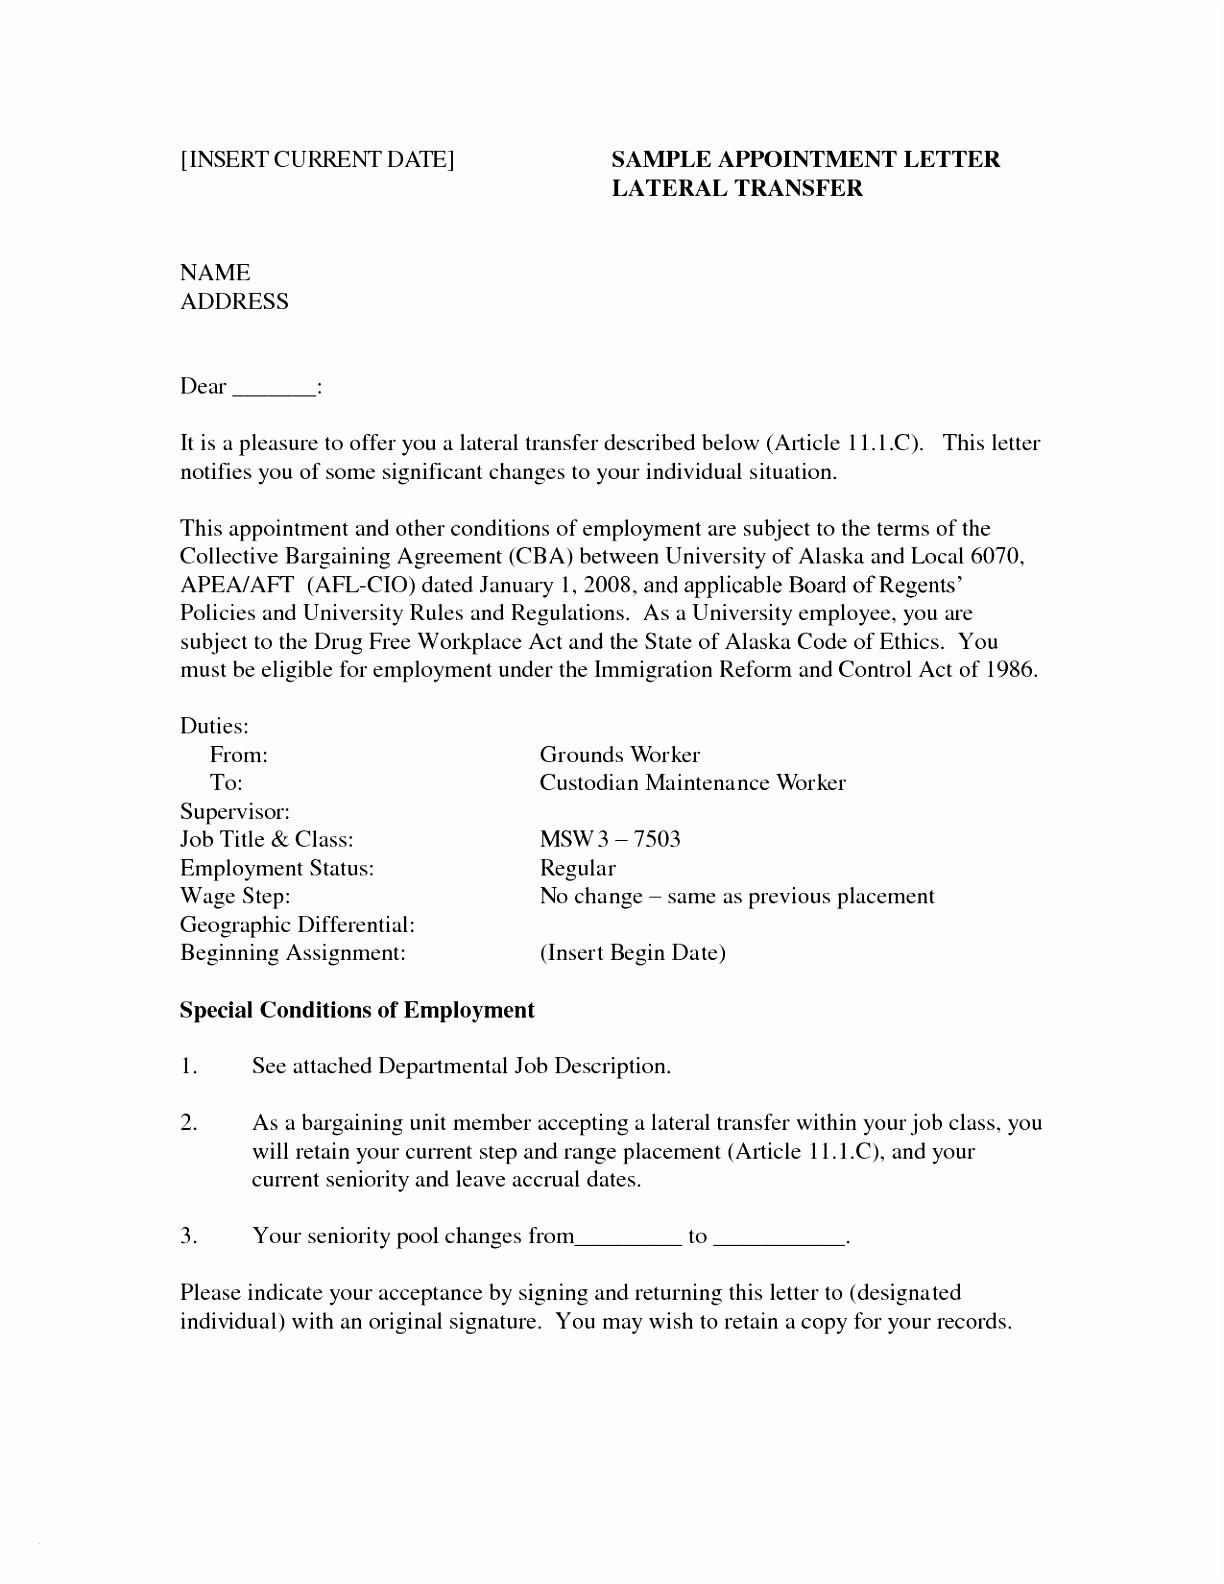 Kundigung Reinigungsfirma Vorlage Genial 34 Vorlage Kündigung Verein Das Beste Von Für Tabellarischer J8re58jxh8 H2ui6mevsu